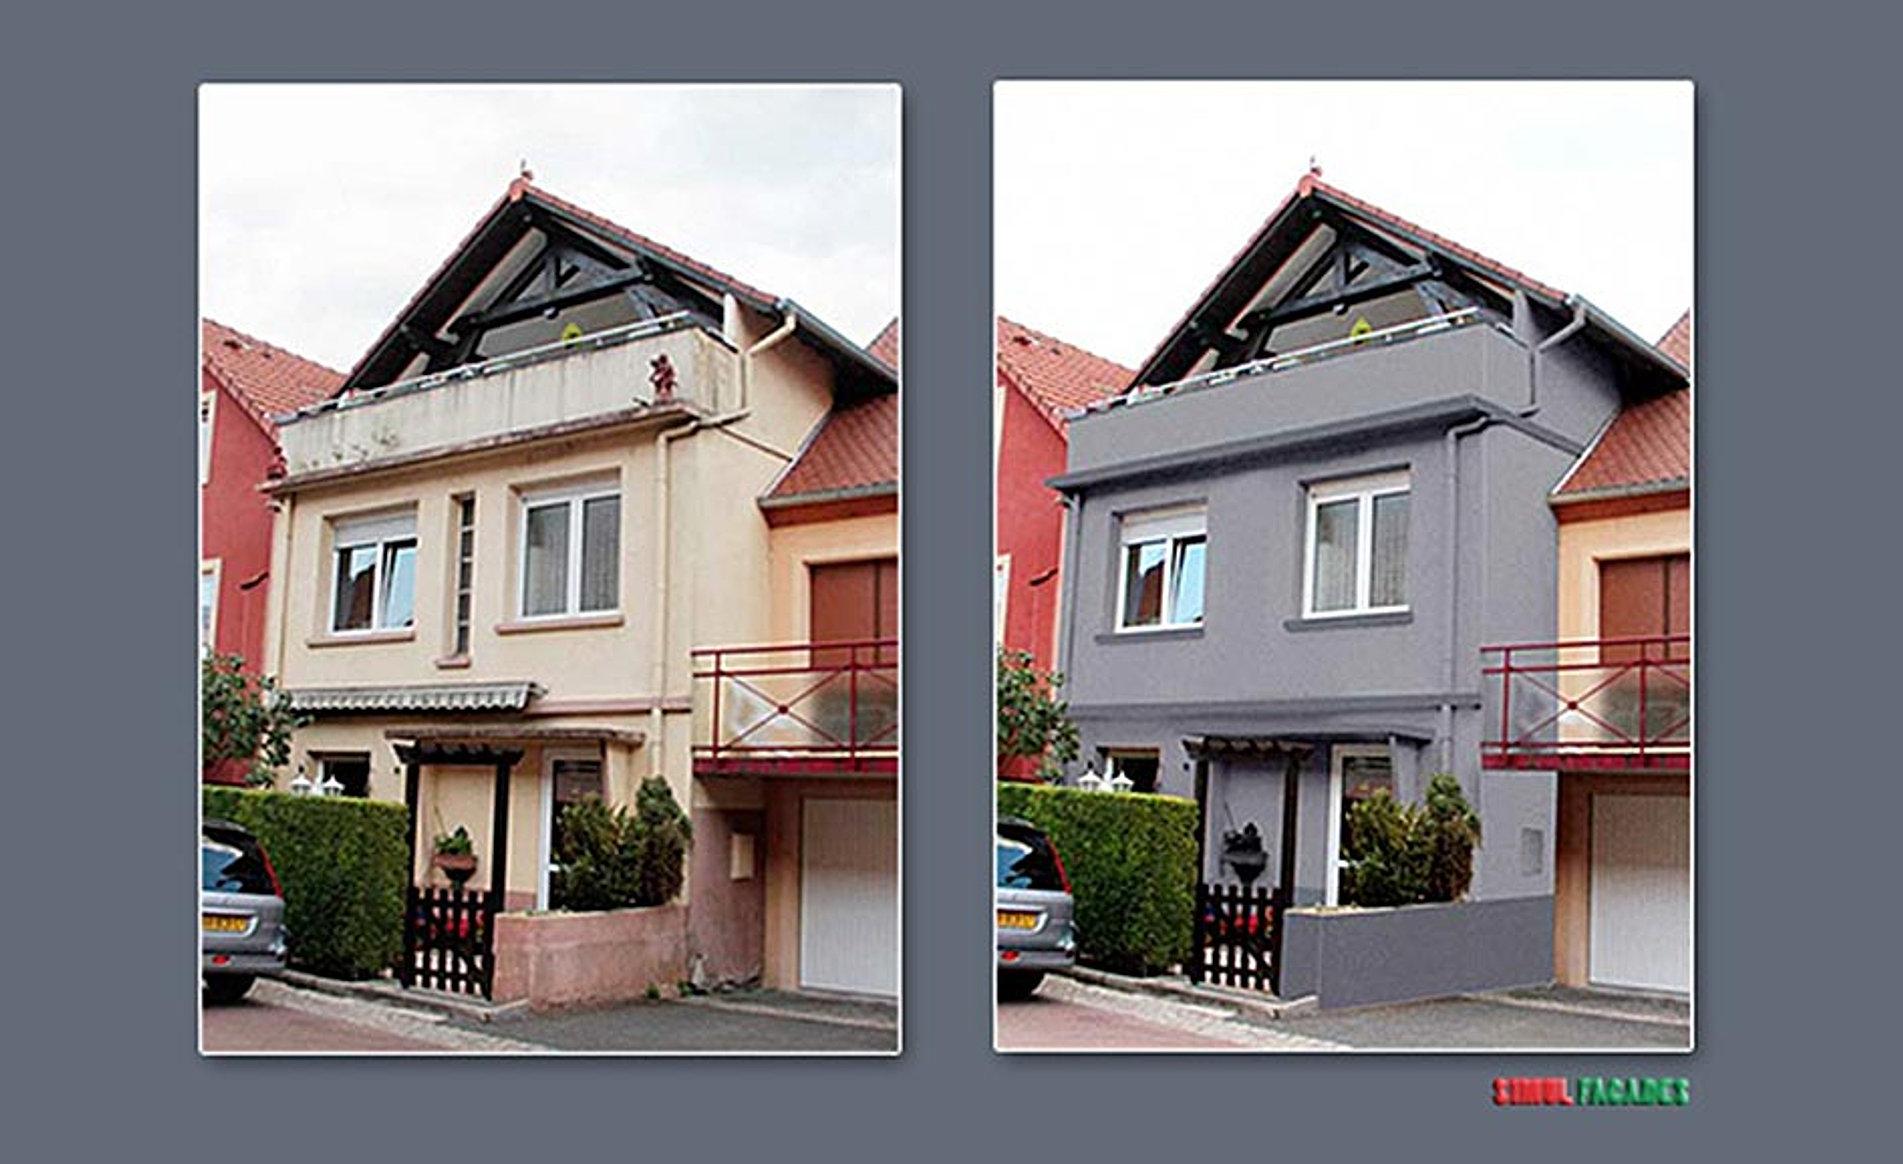 Choisir Couleur Facade Maison Facade Maison Couleur Best